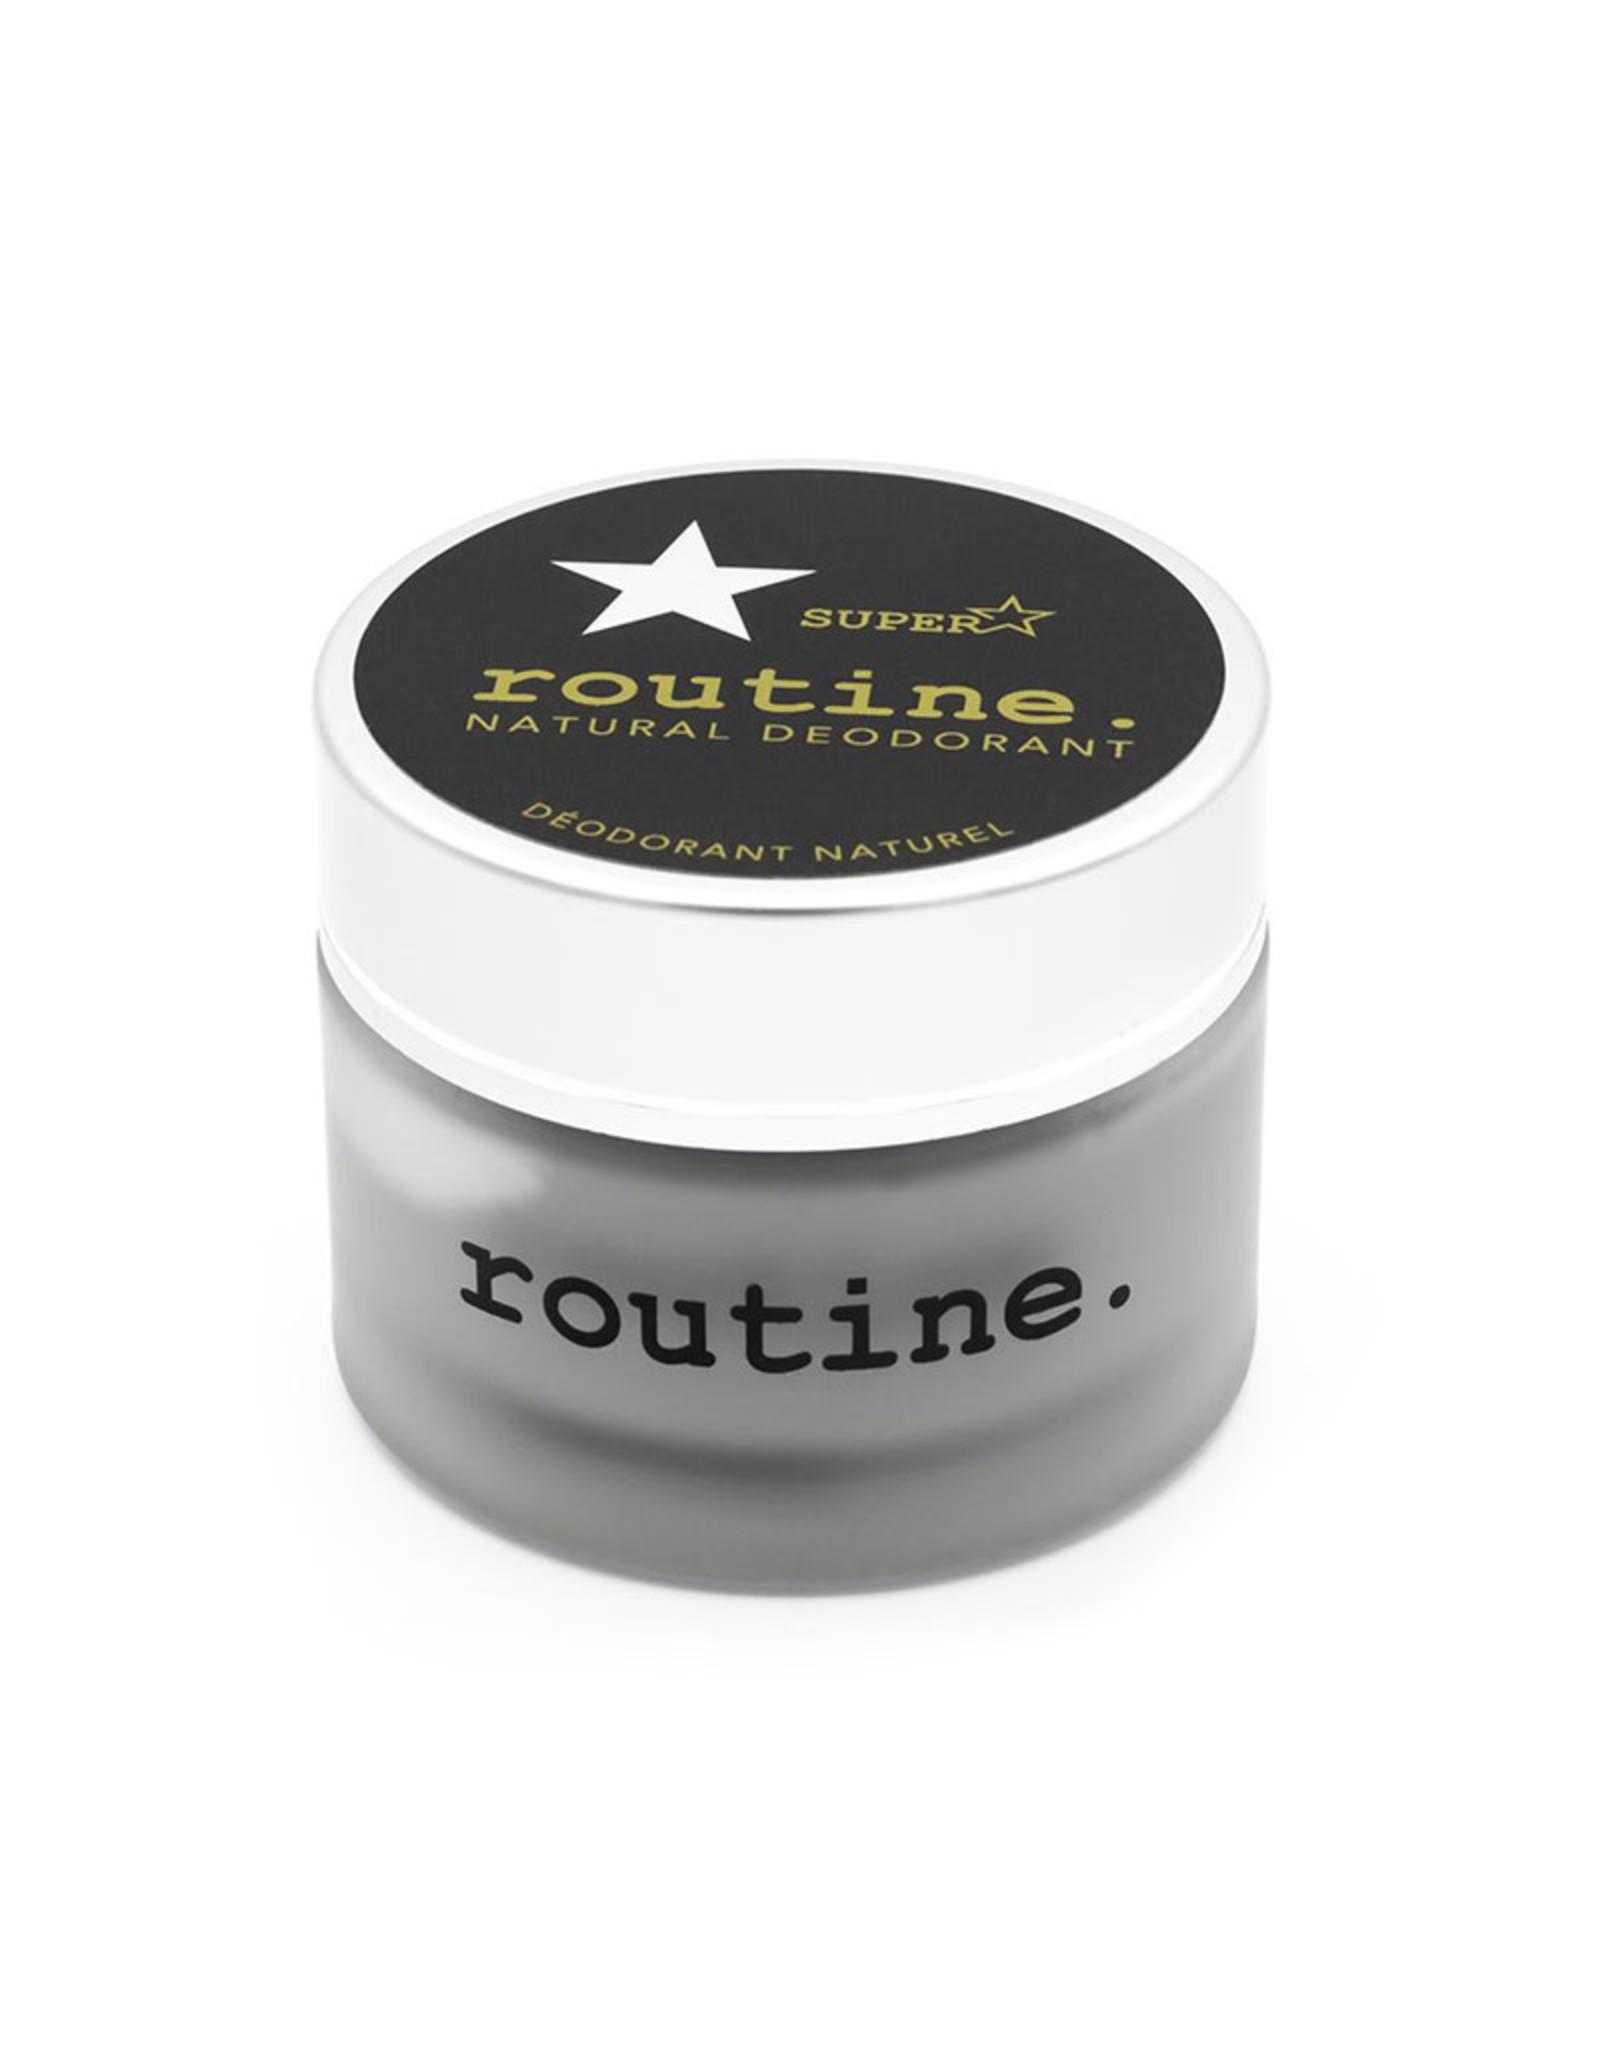 Routine Deodorant Routine - SuperStar